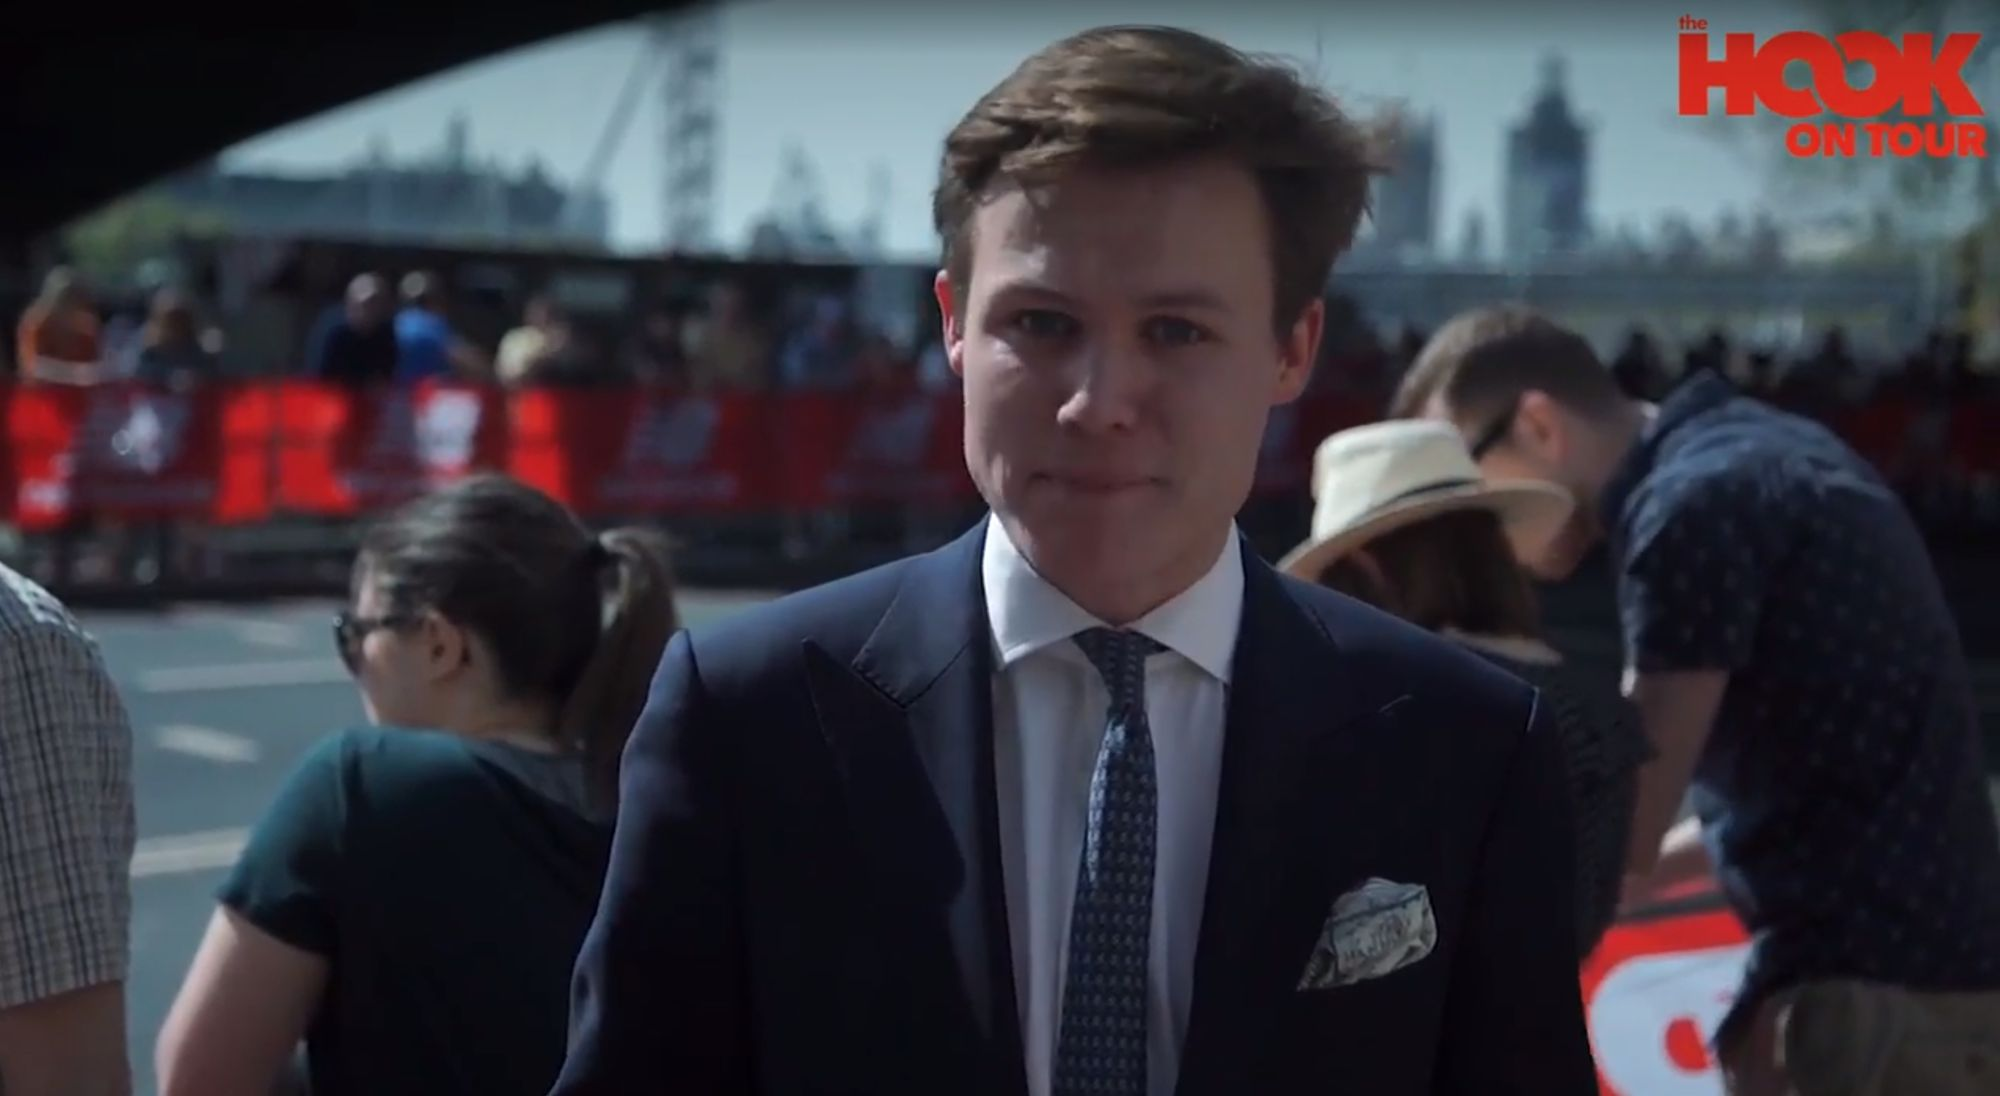 Archie Asks: The London Marathon